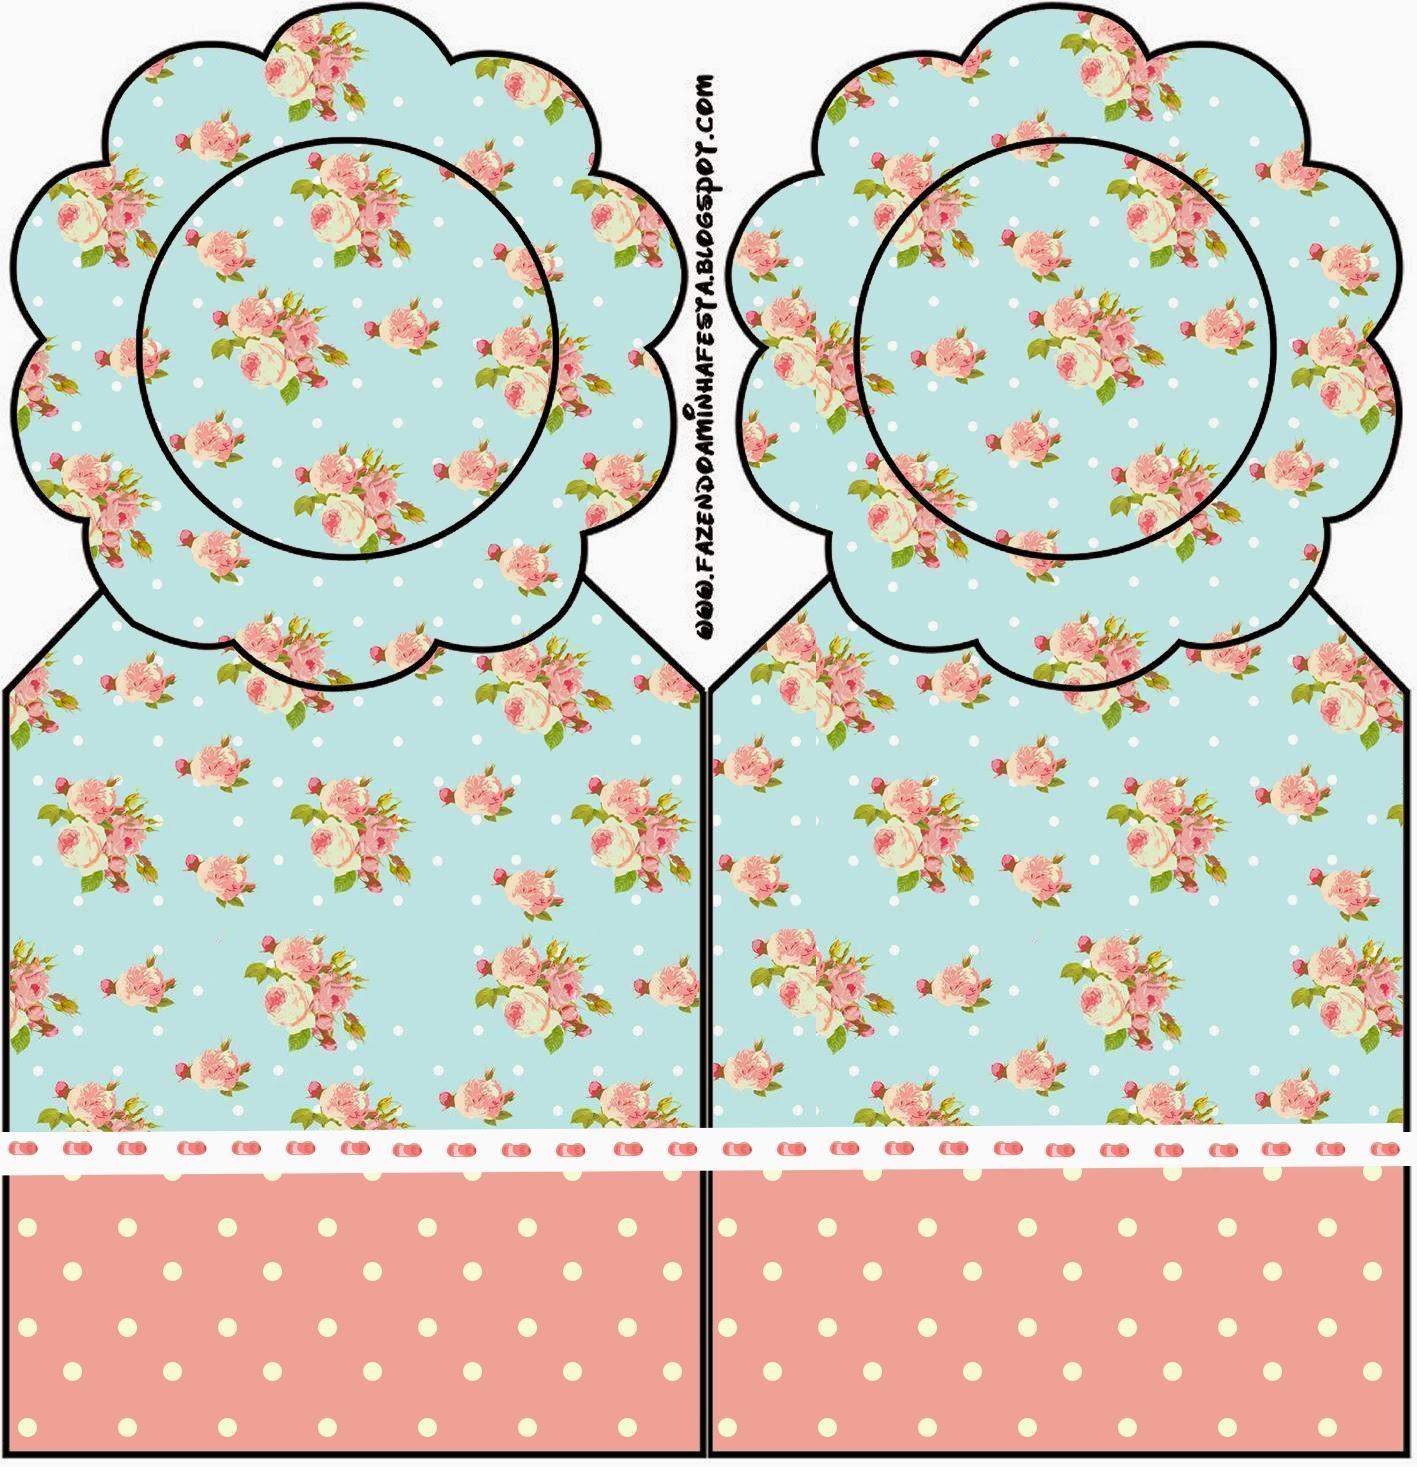 Marcapaginas para Imprimir Gratis de Shabby Chic en Rosa y Celeste.